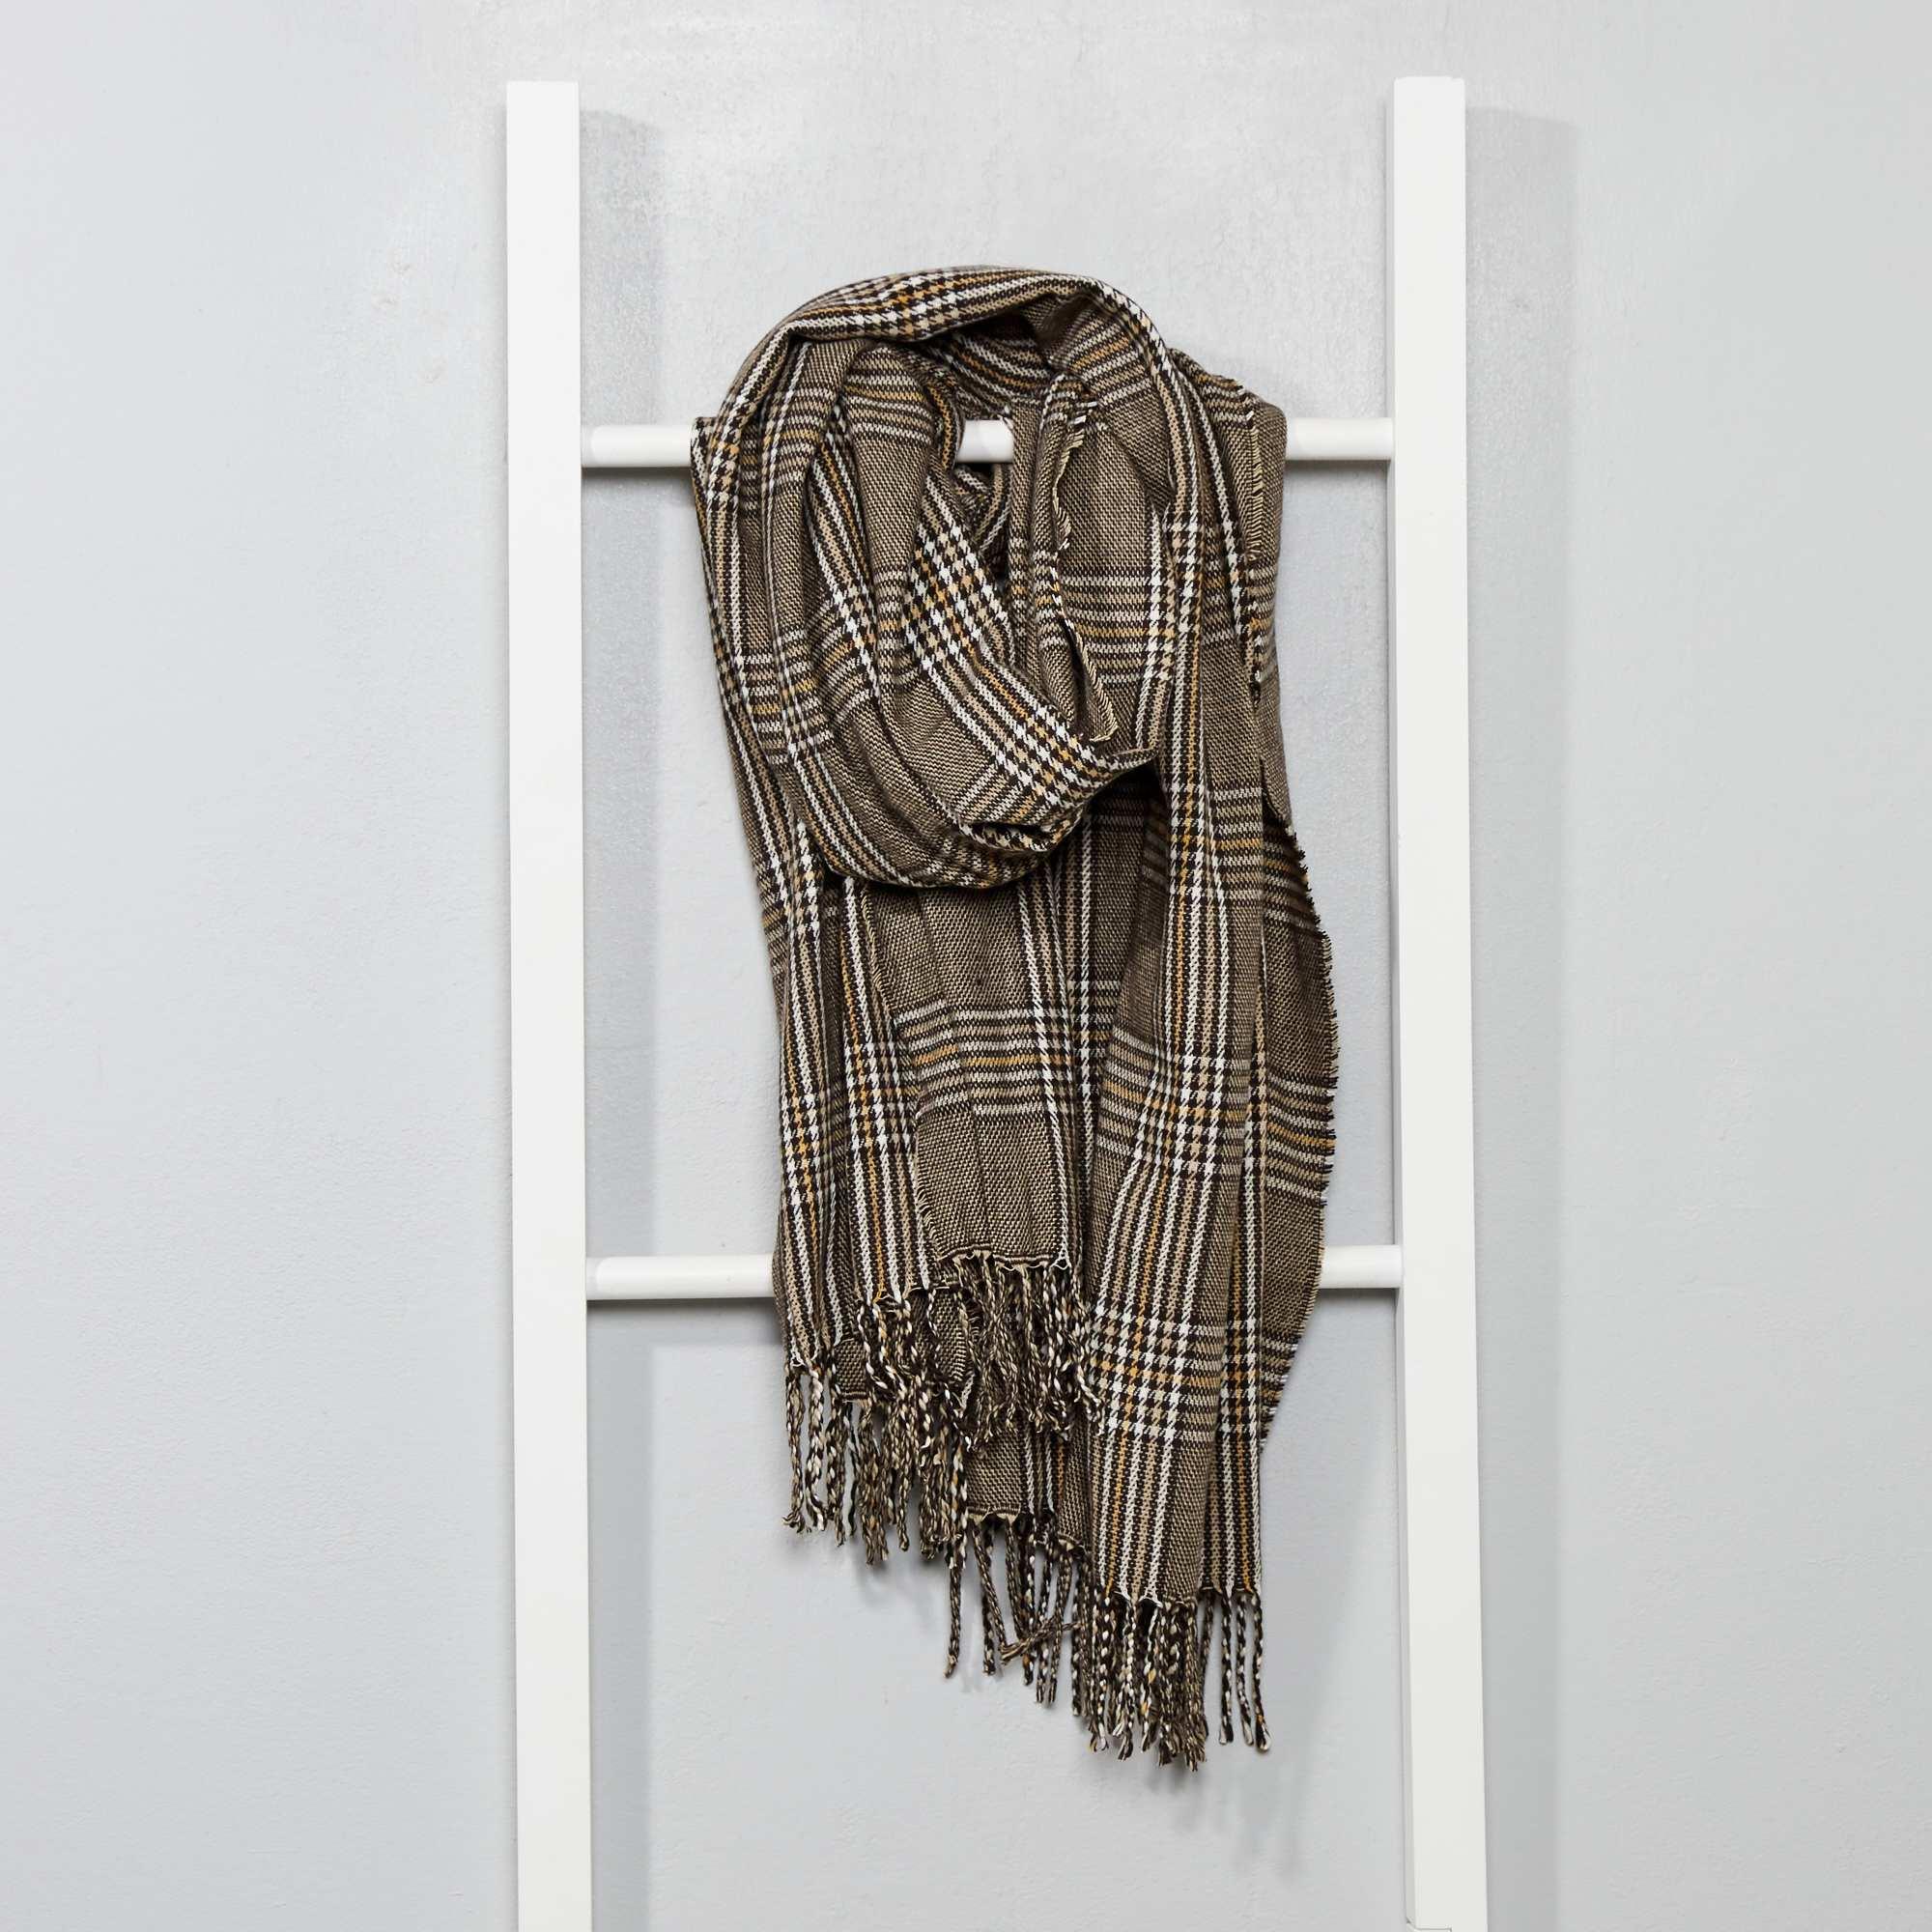 Foulard chaud imprimé  Prince de Galles  Homme - marron - Kiabi - 12,00€ 96b3272d553